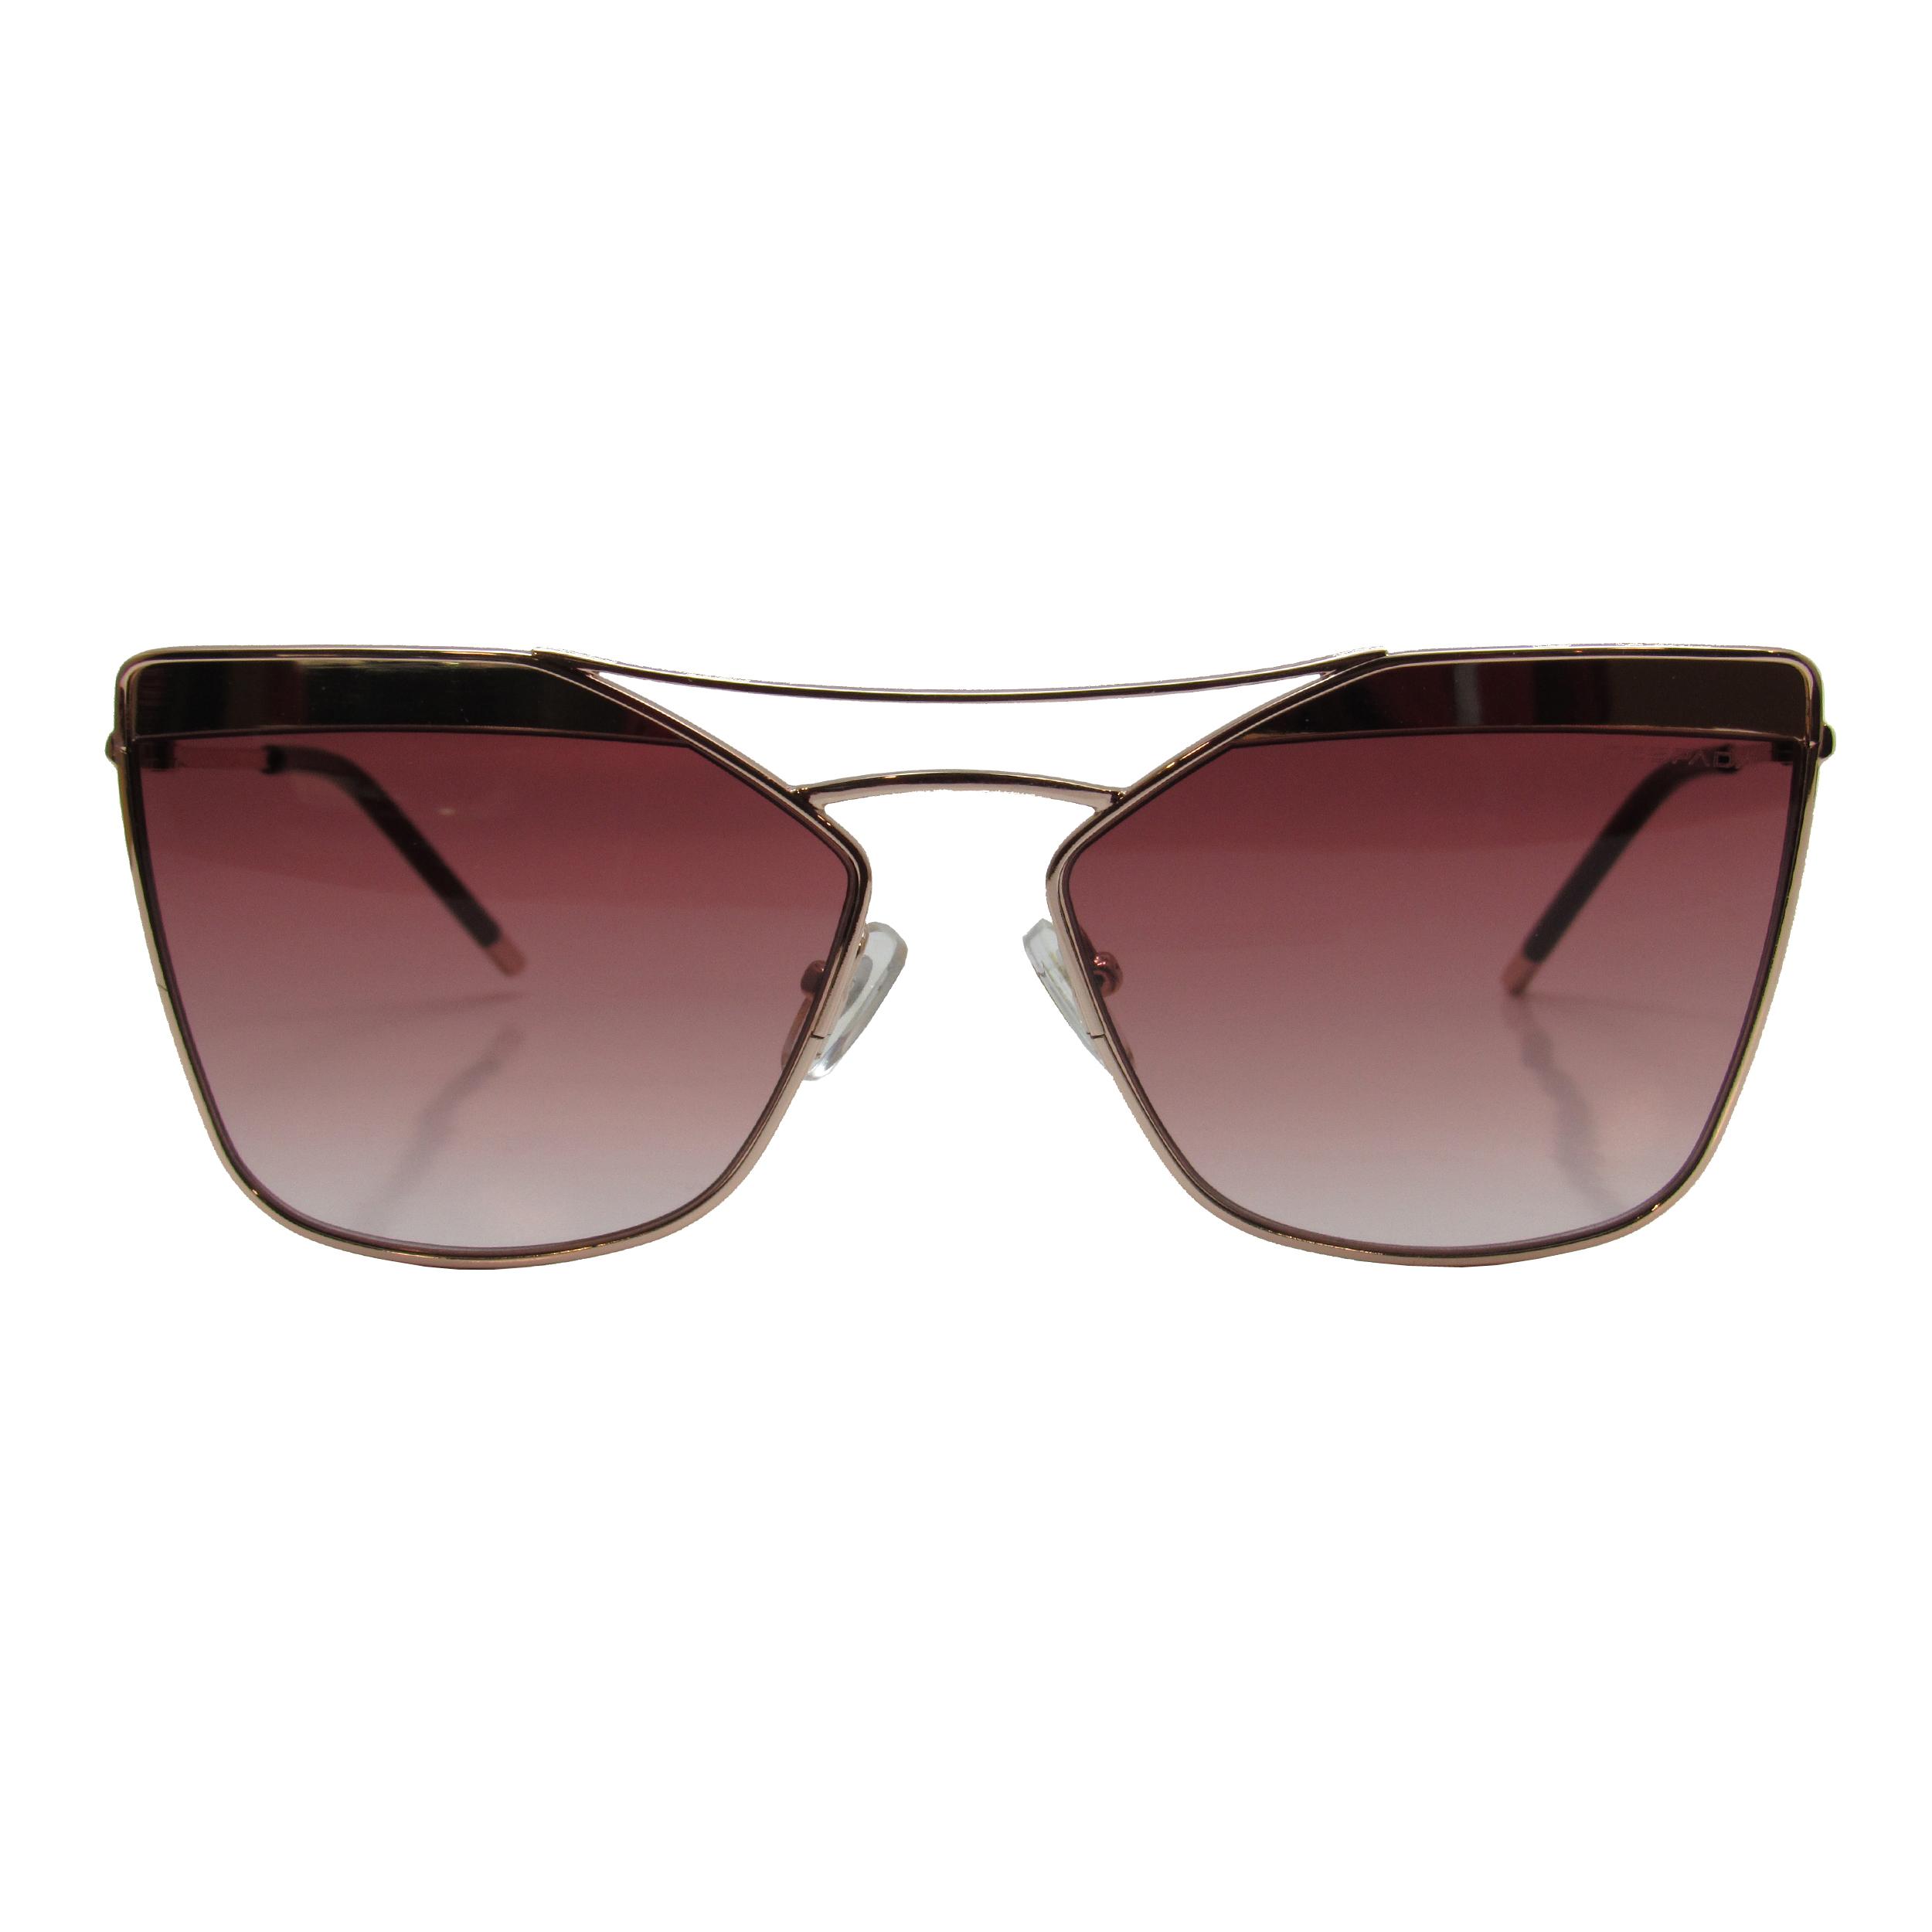 عینک آفتابی زنانه دسپادا مدل DS1520 - C1